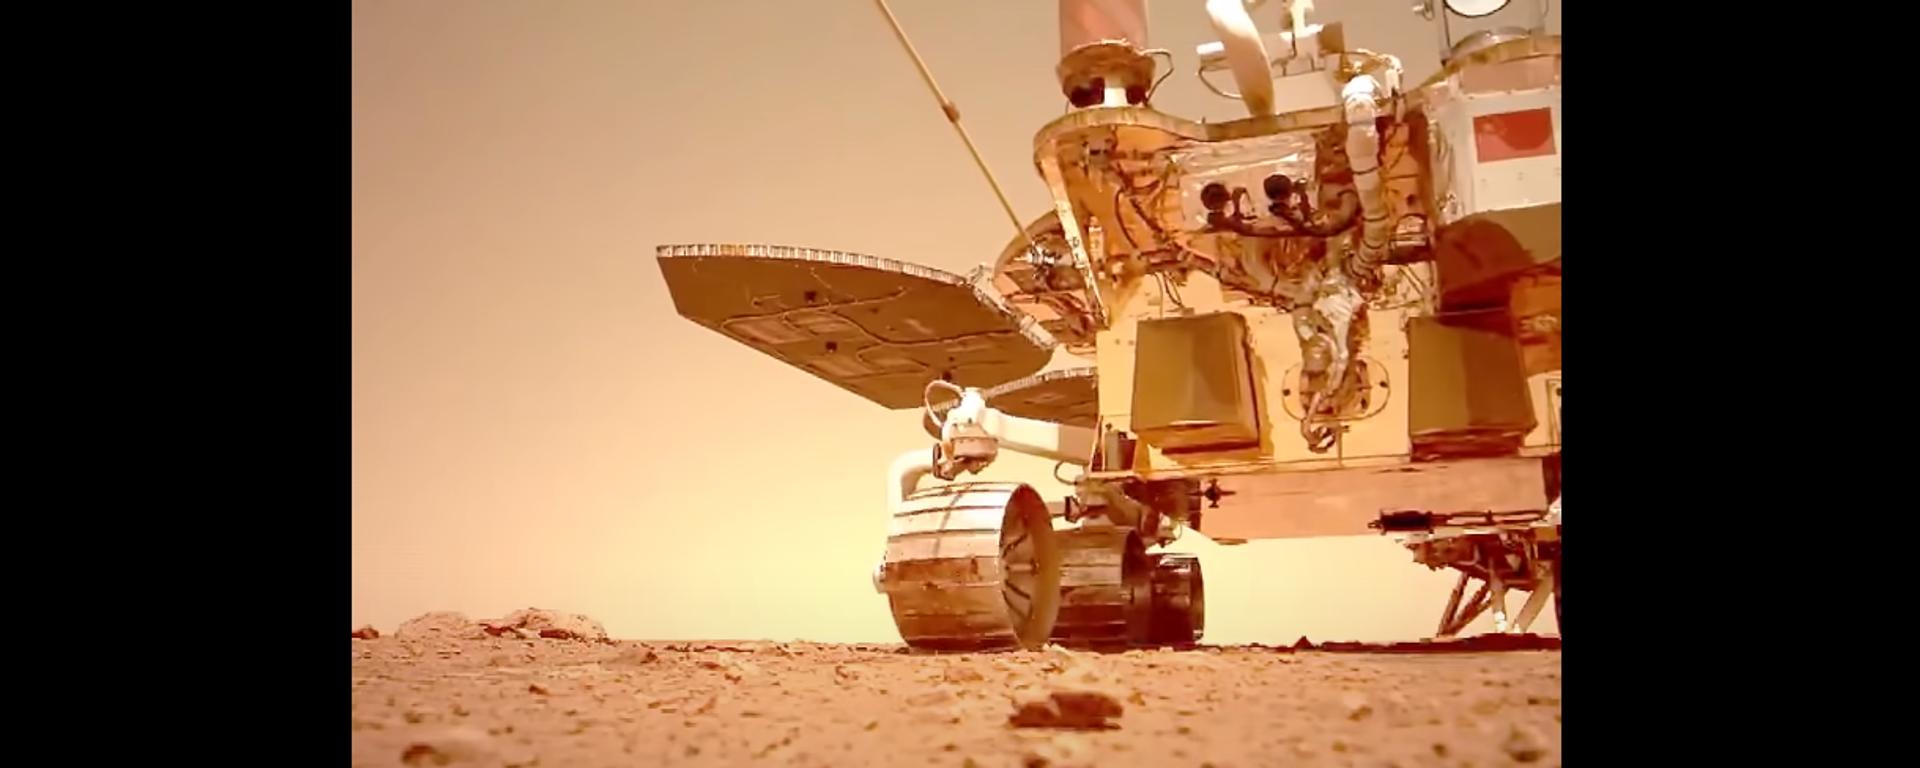 快看!祝融号火星表面移动视频来了 - Sputnik Oʻzbekiston, 1920, 28.06.2021